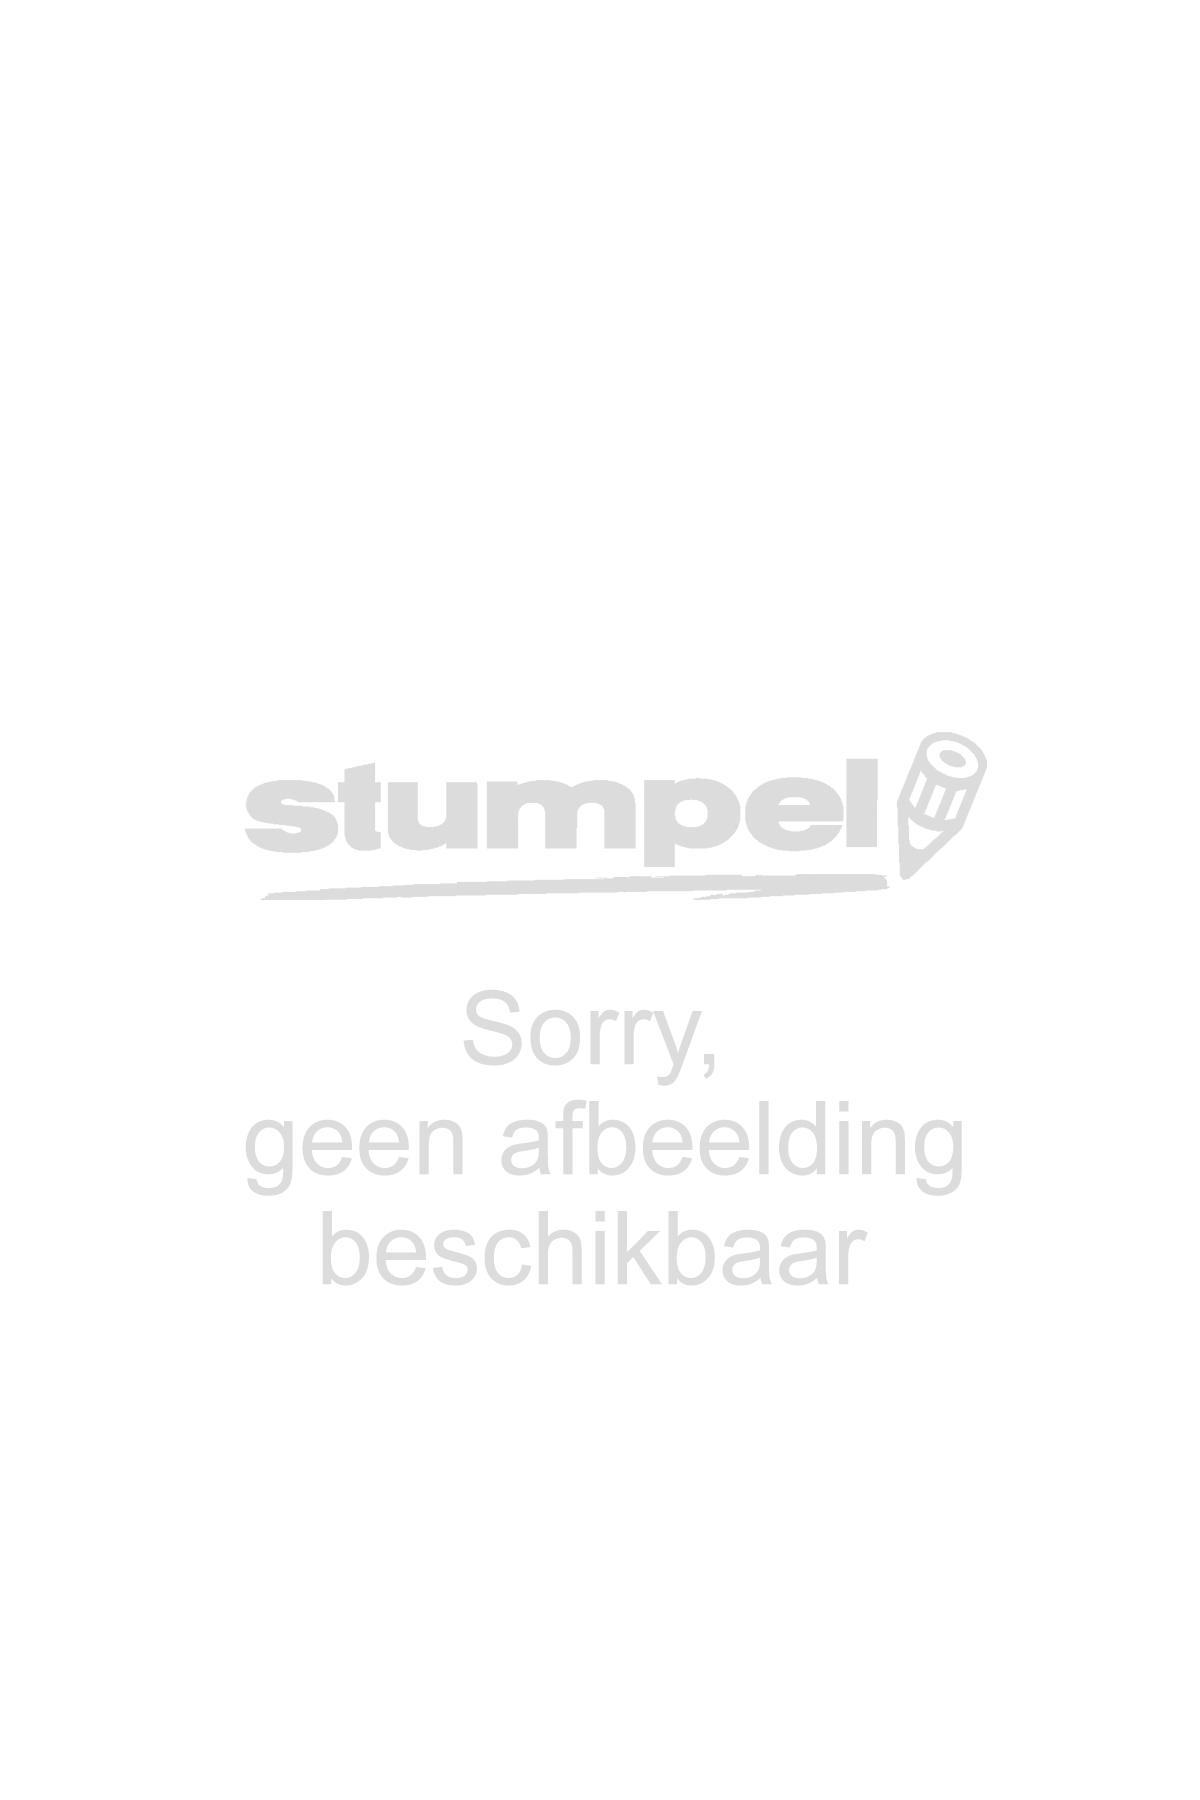 gel-balpen-quantore-grip-retracteble-zwart-0-5mm-614171